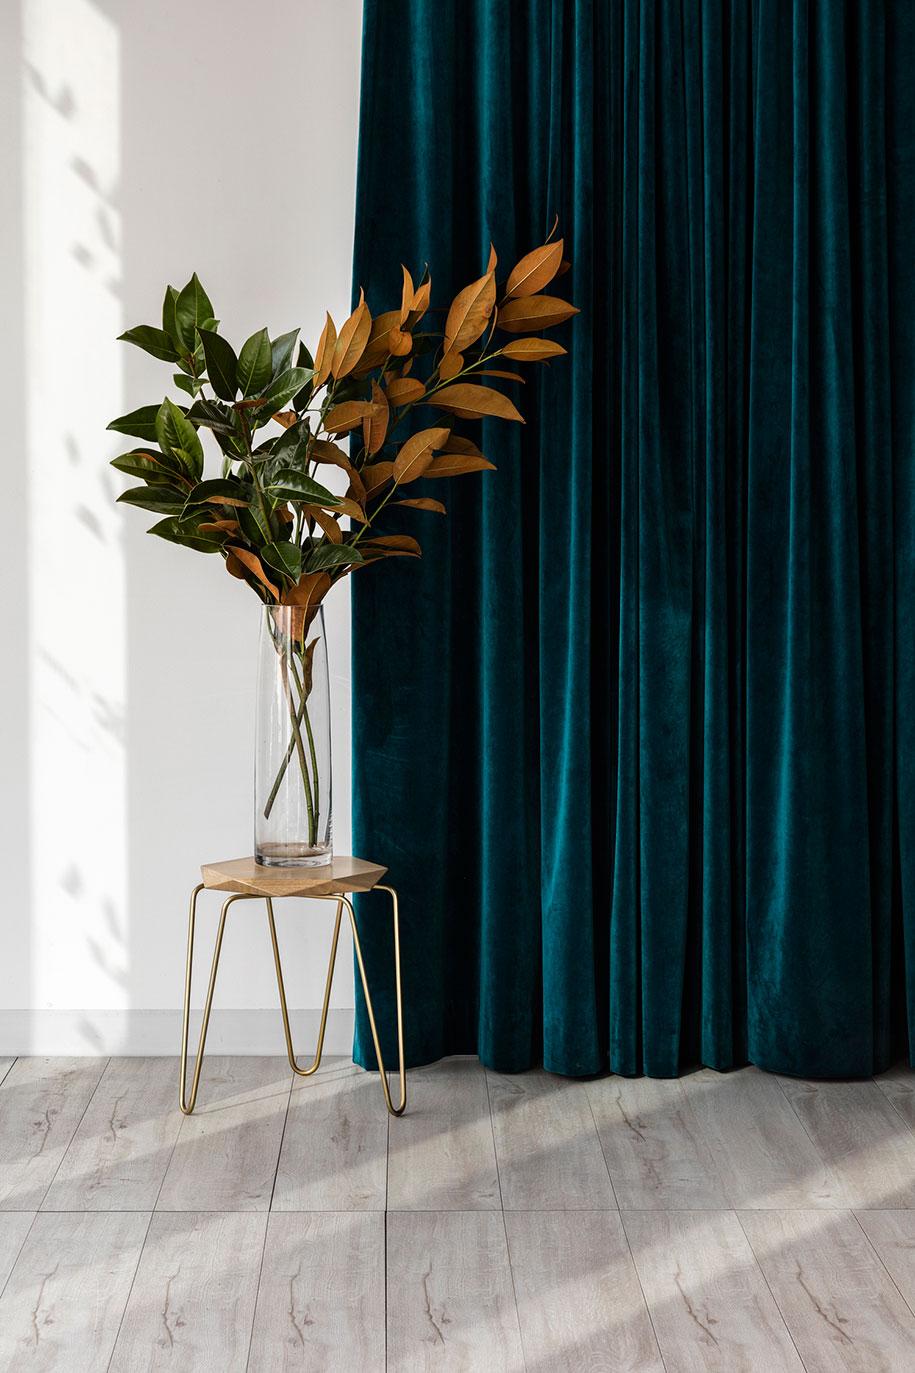 Instyle - Atelier Velvet | Habitus Living